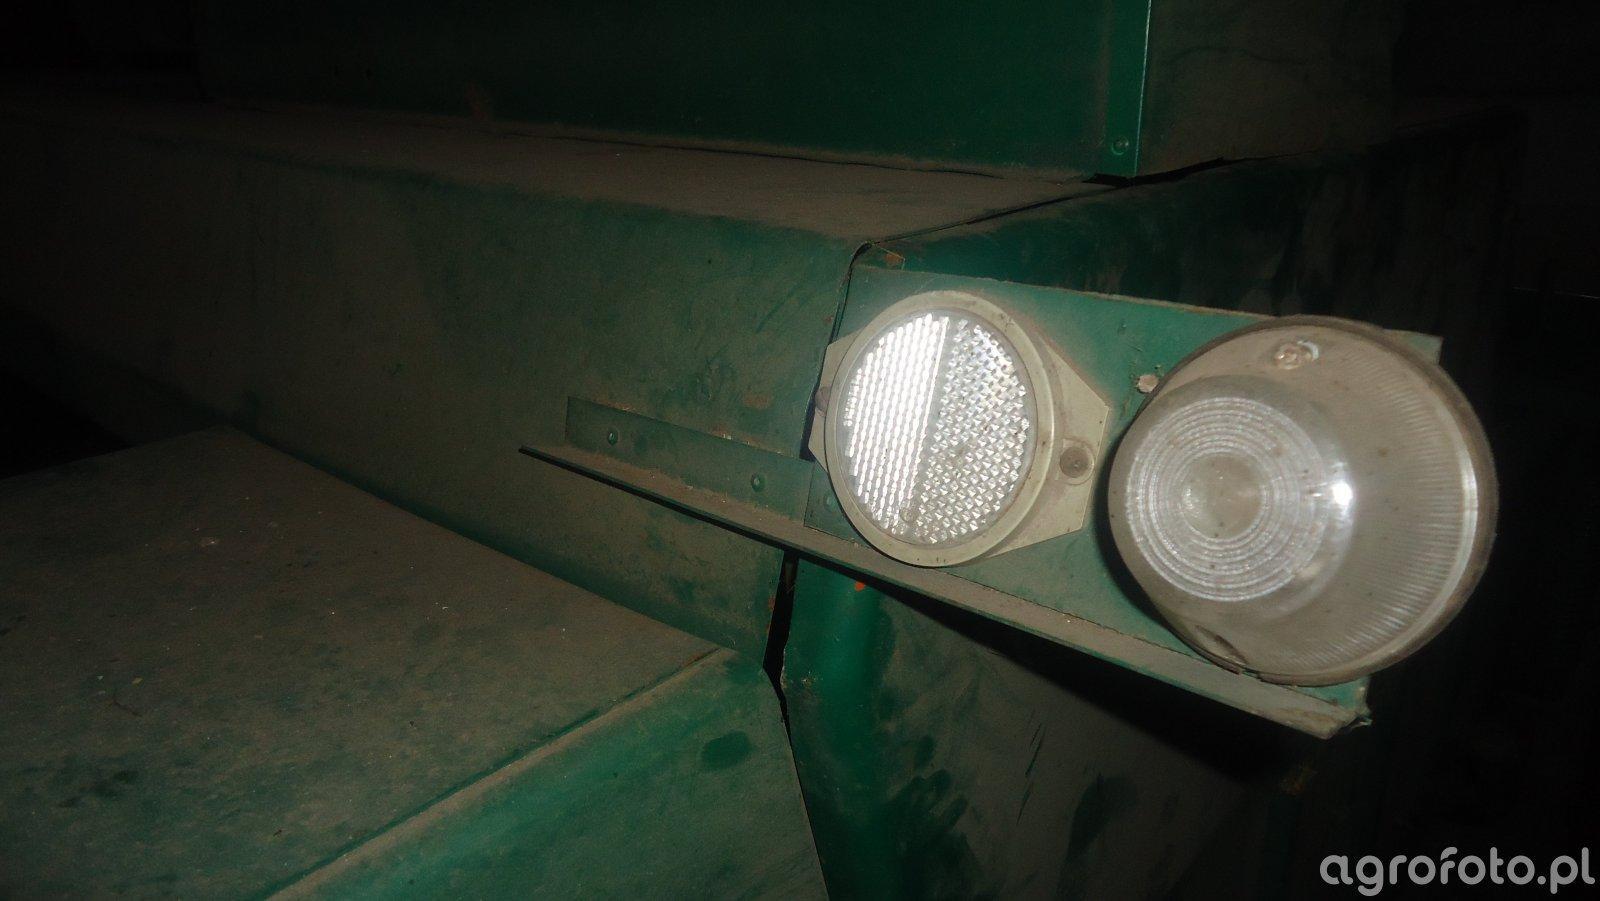 Przerobione światła w prasie Sipma Z-224